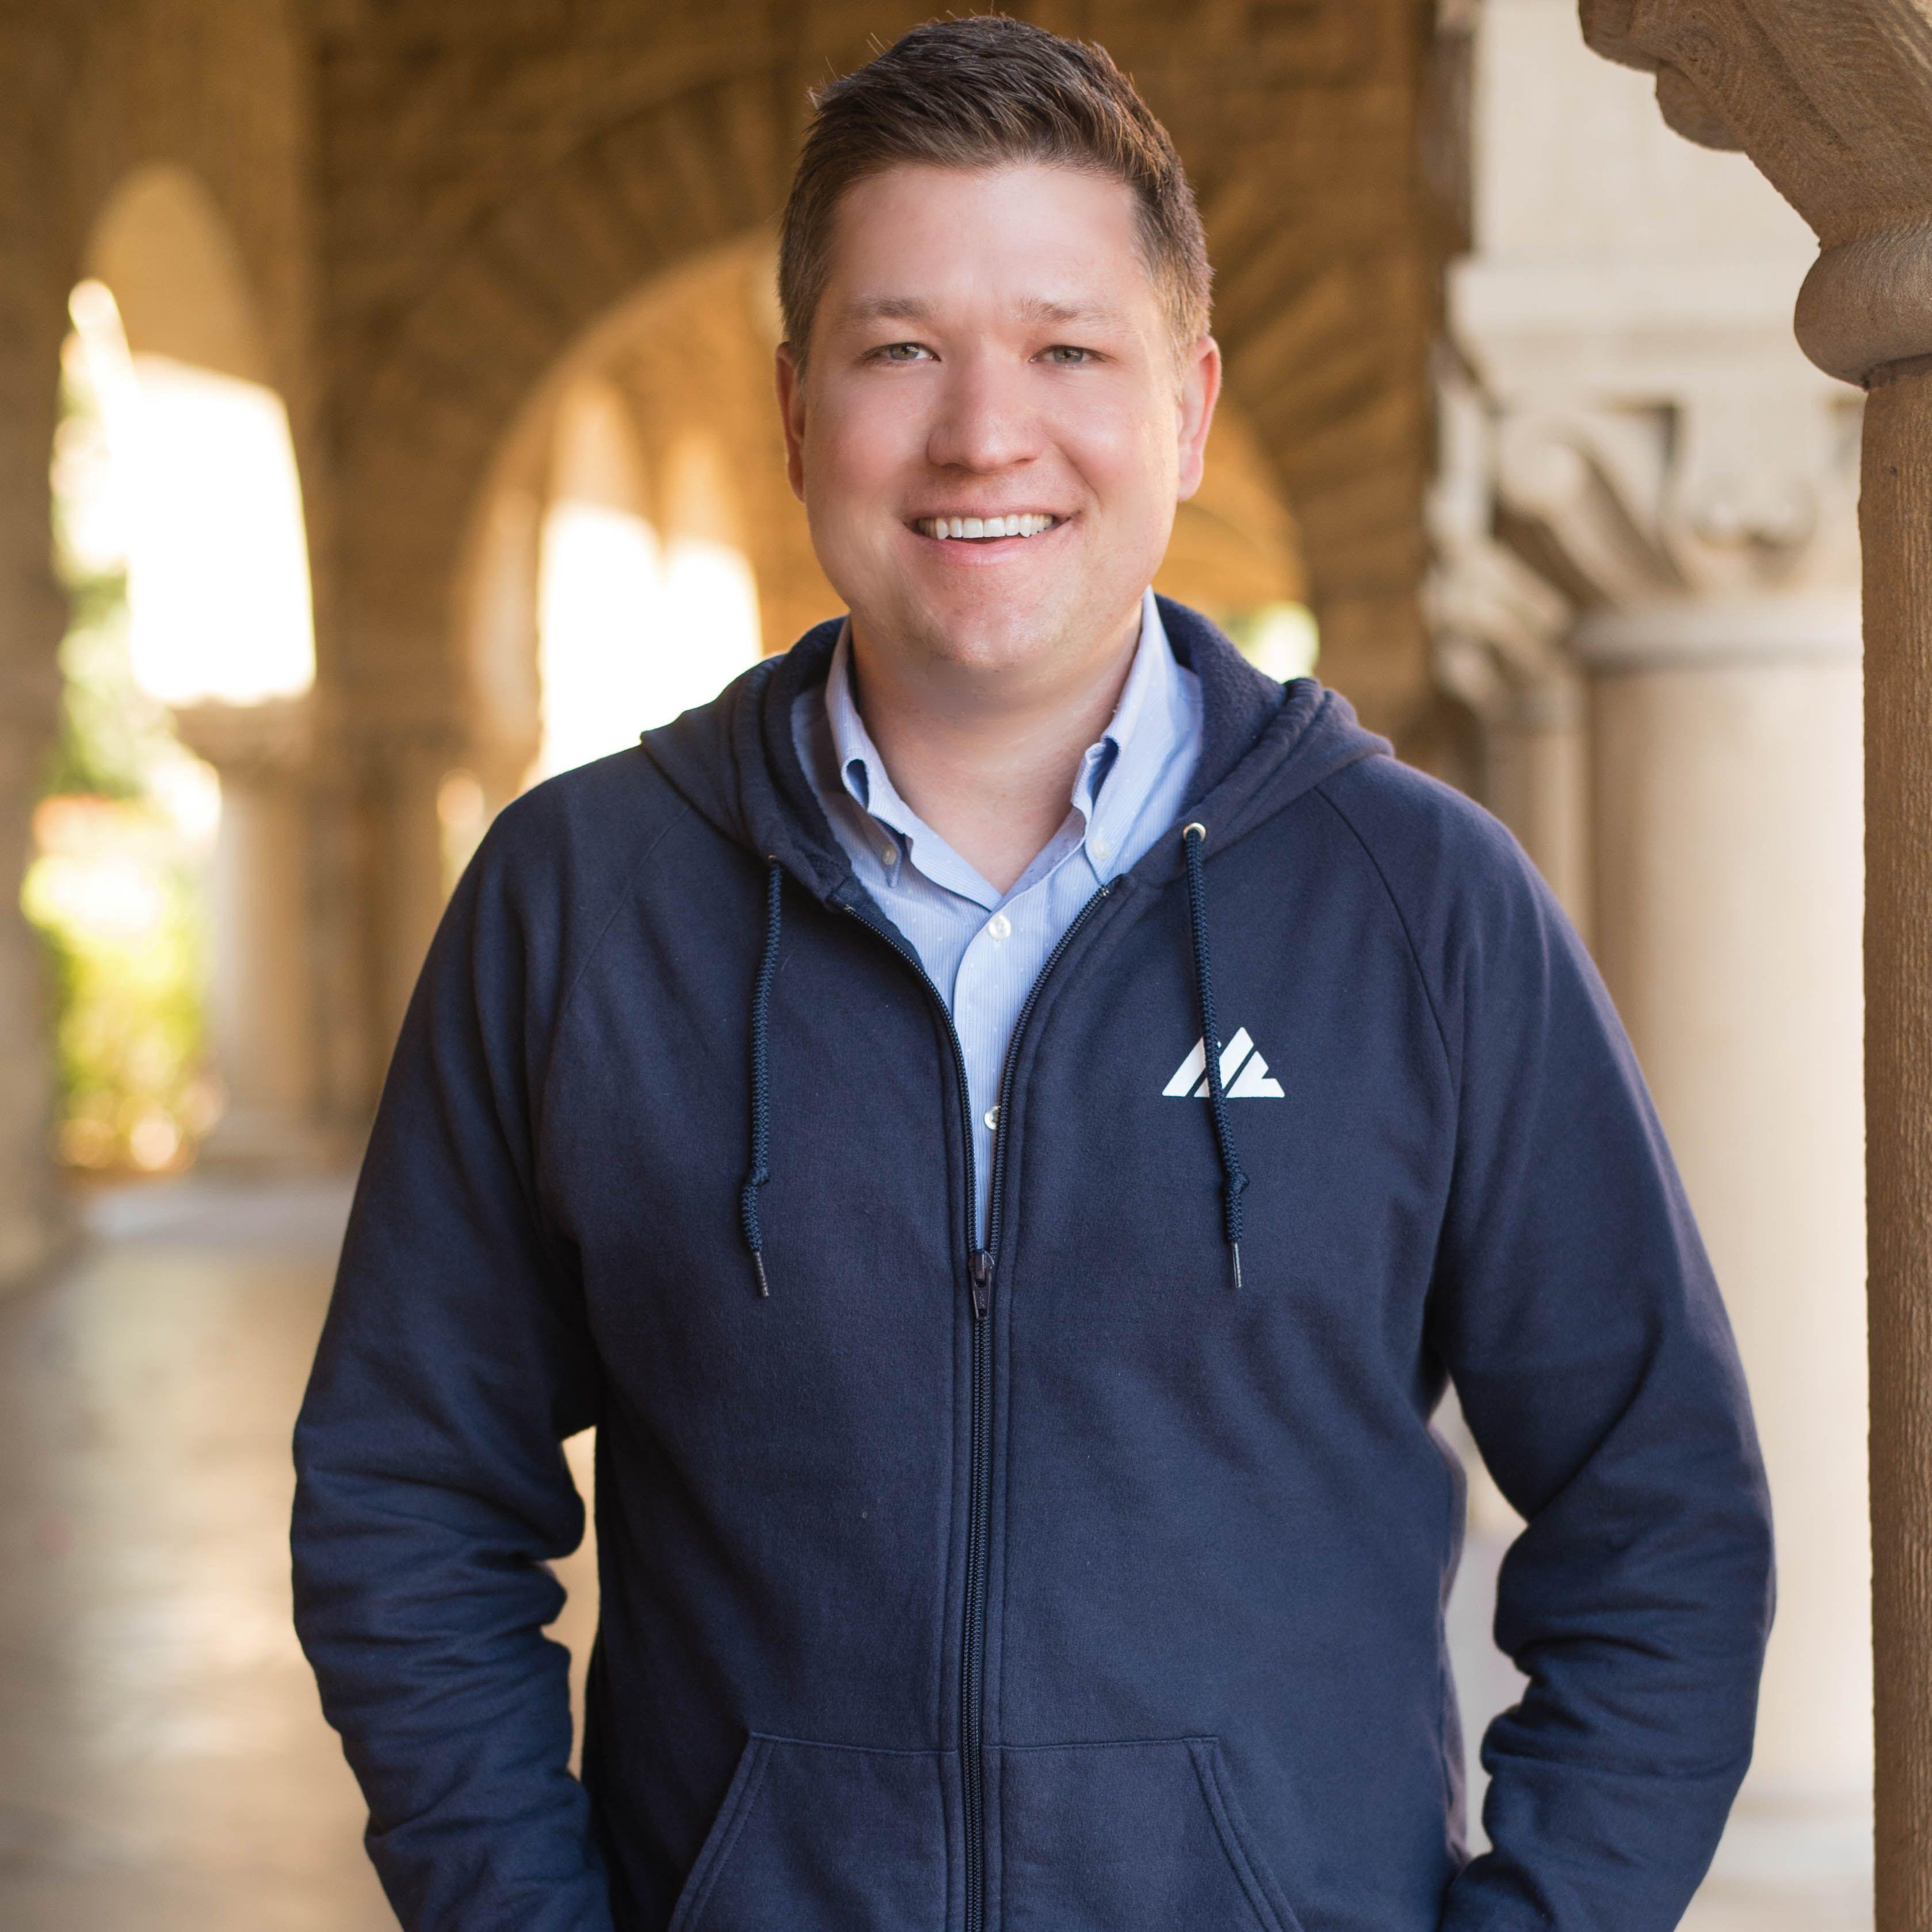 Matthew Murphy from Montage Ventures